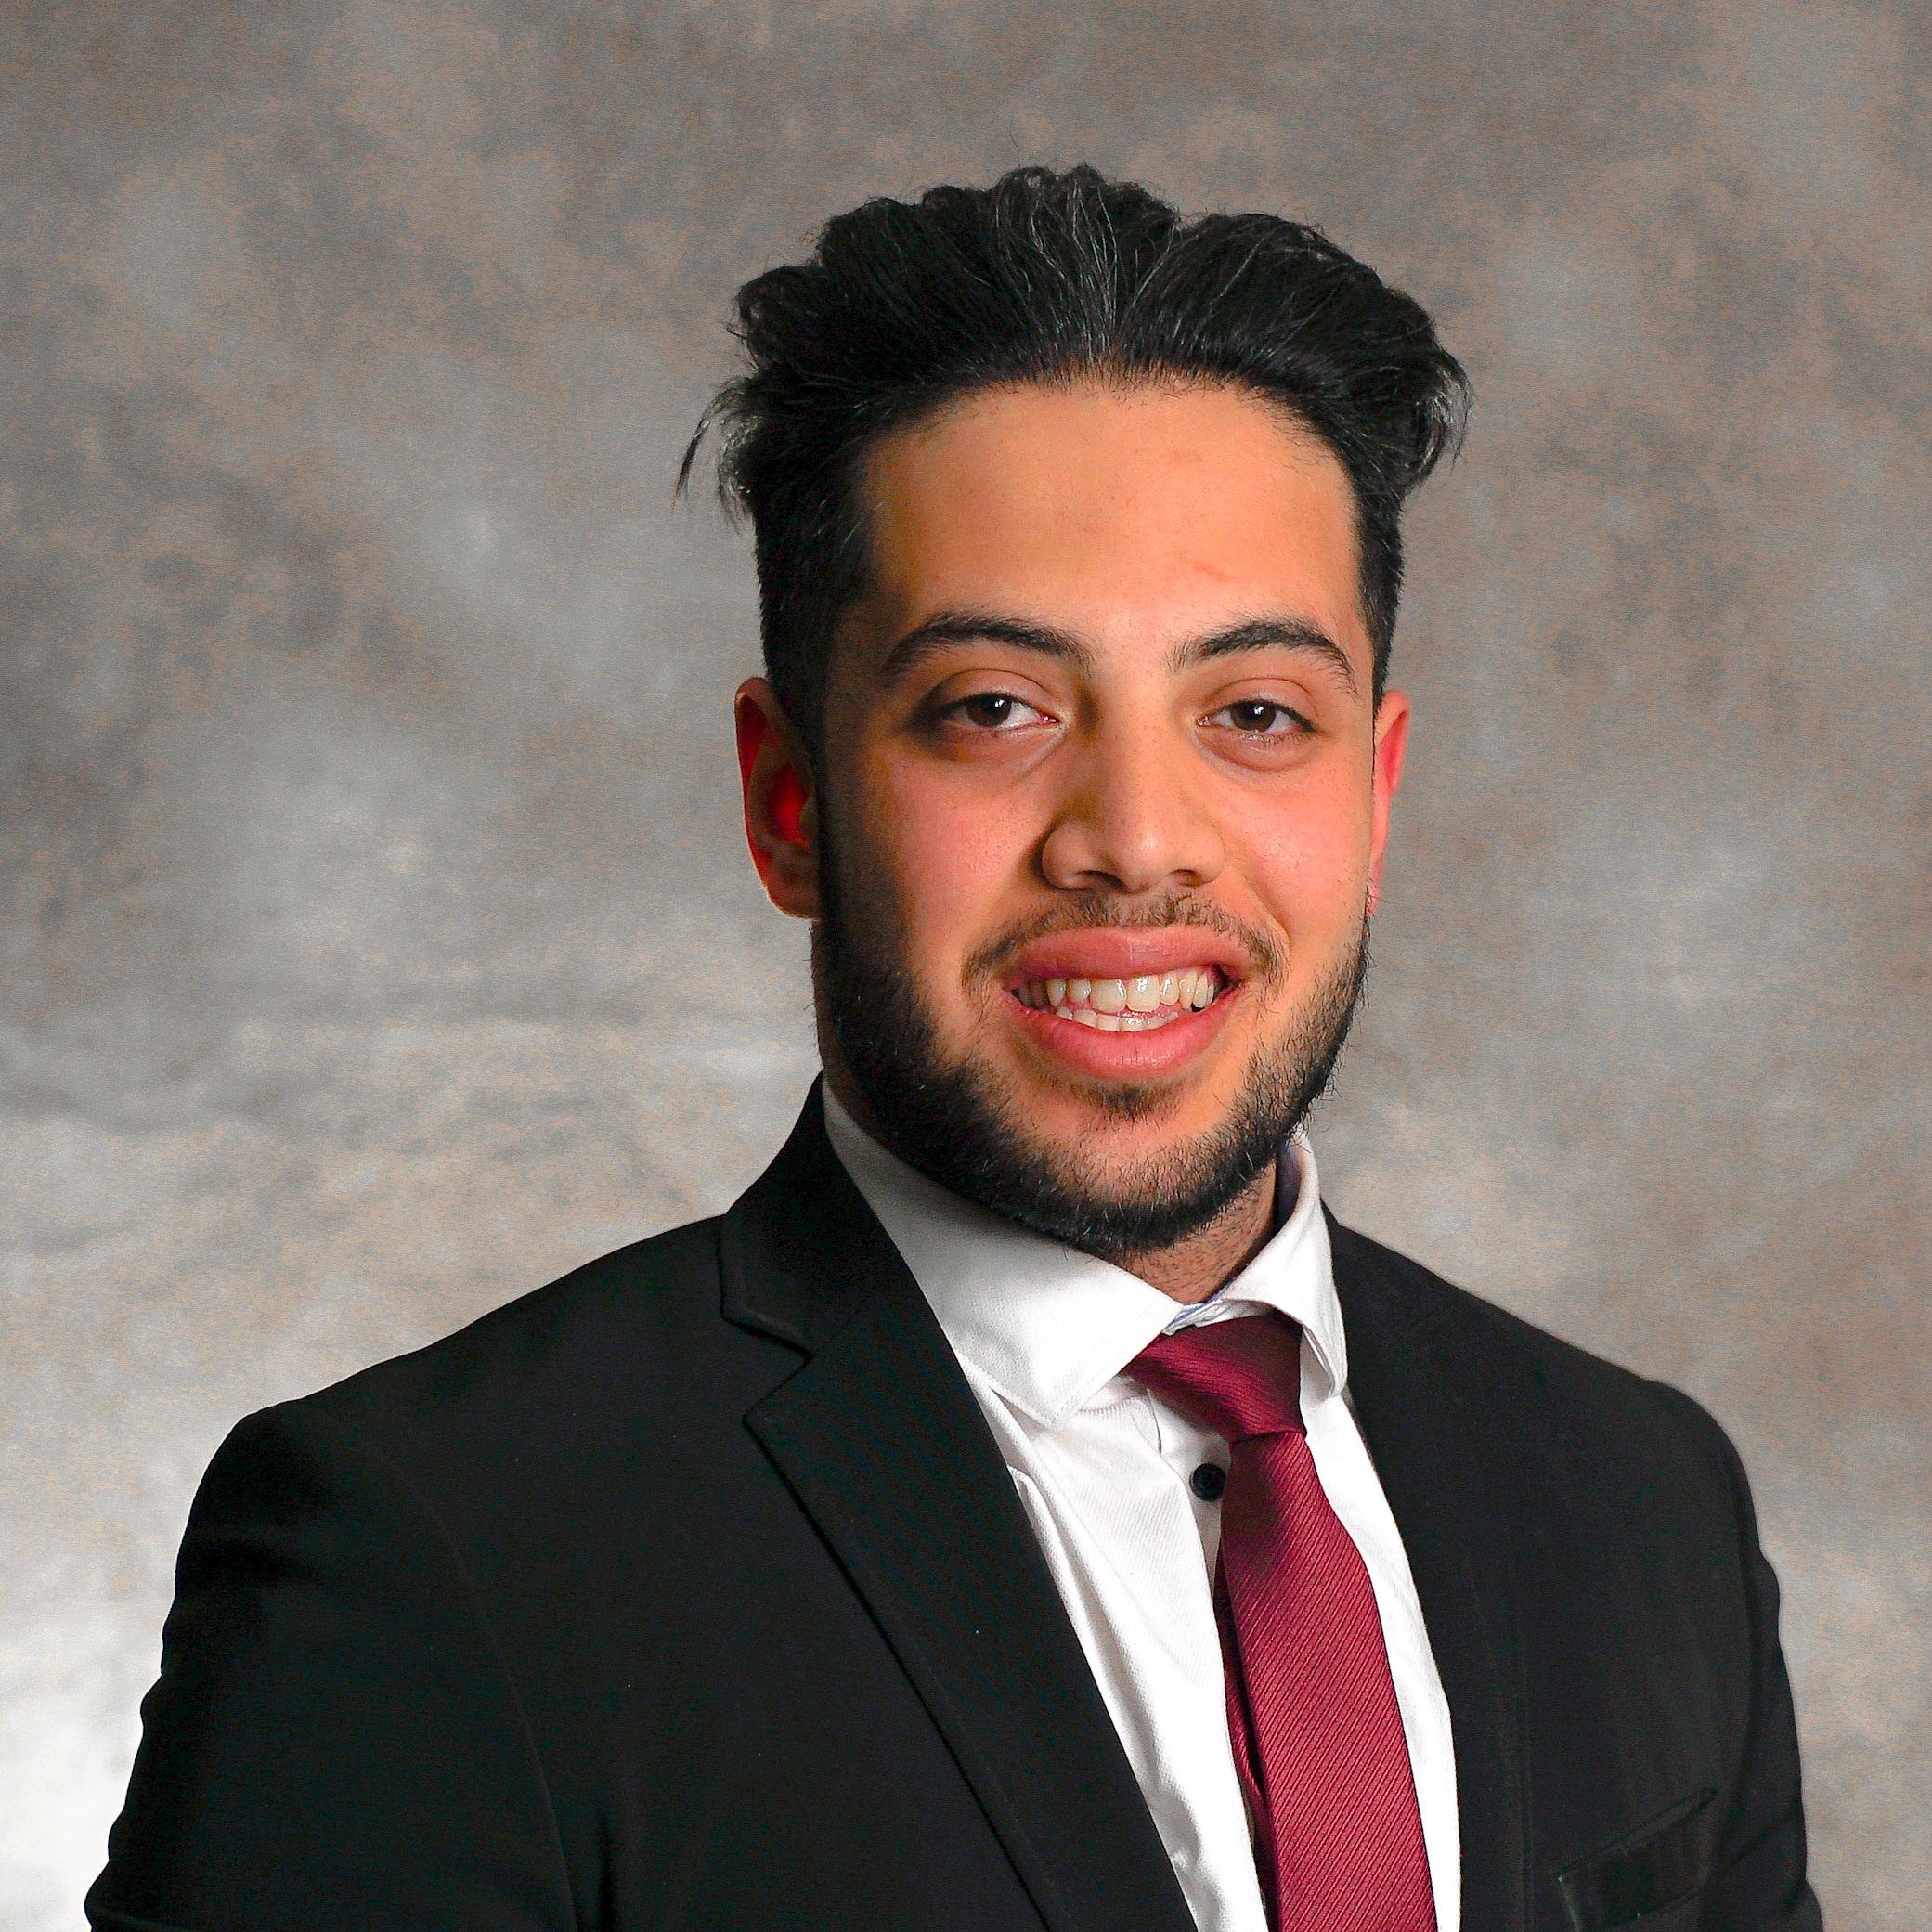 Vice President | Ibrahim Kawasme